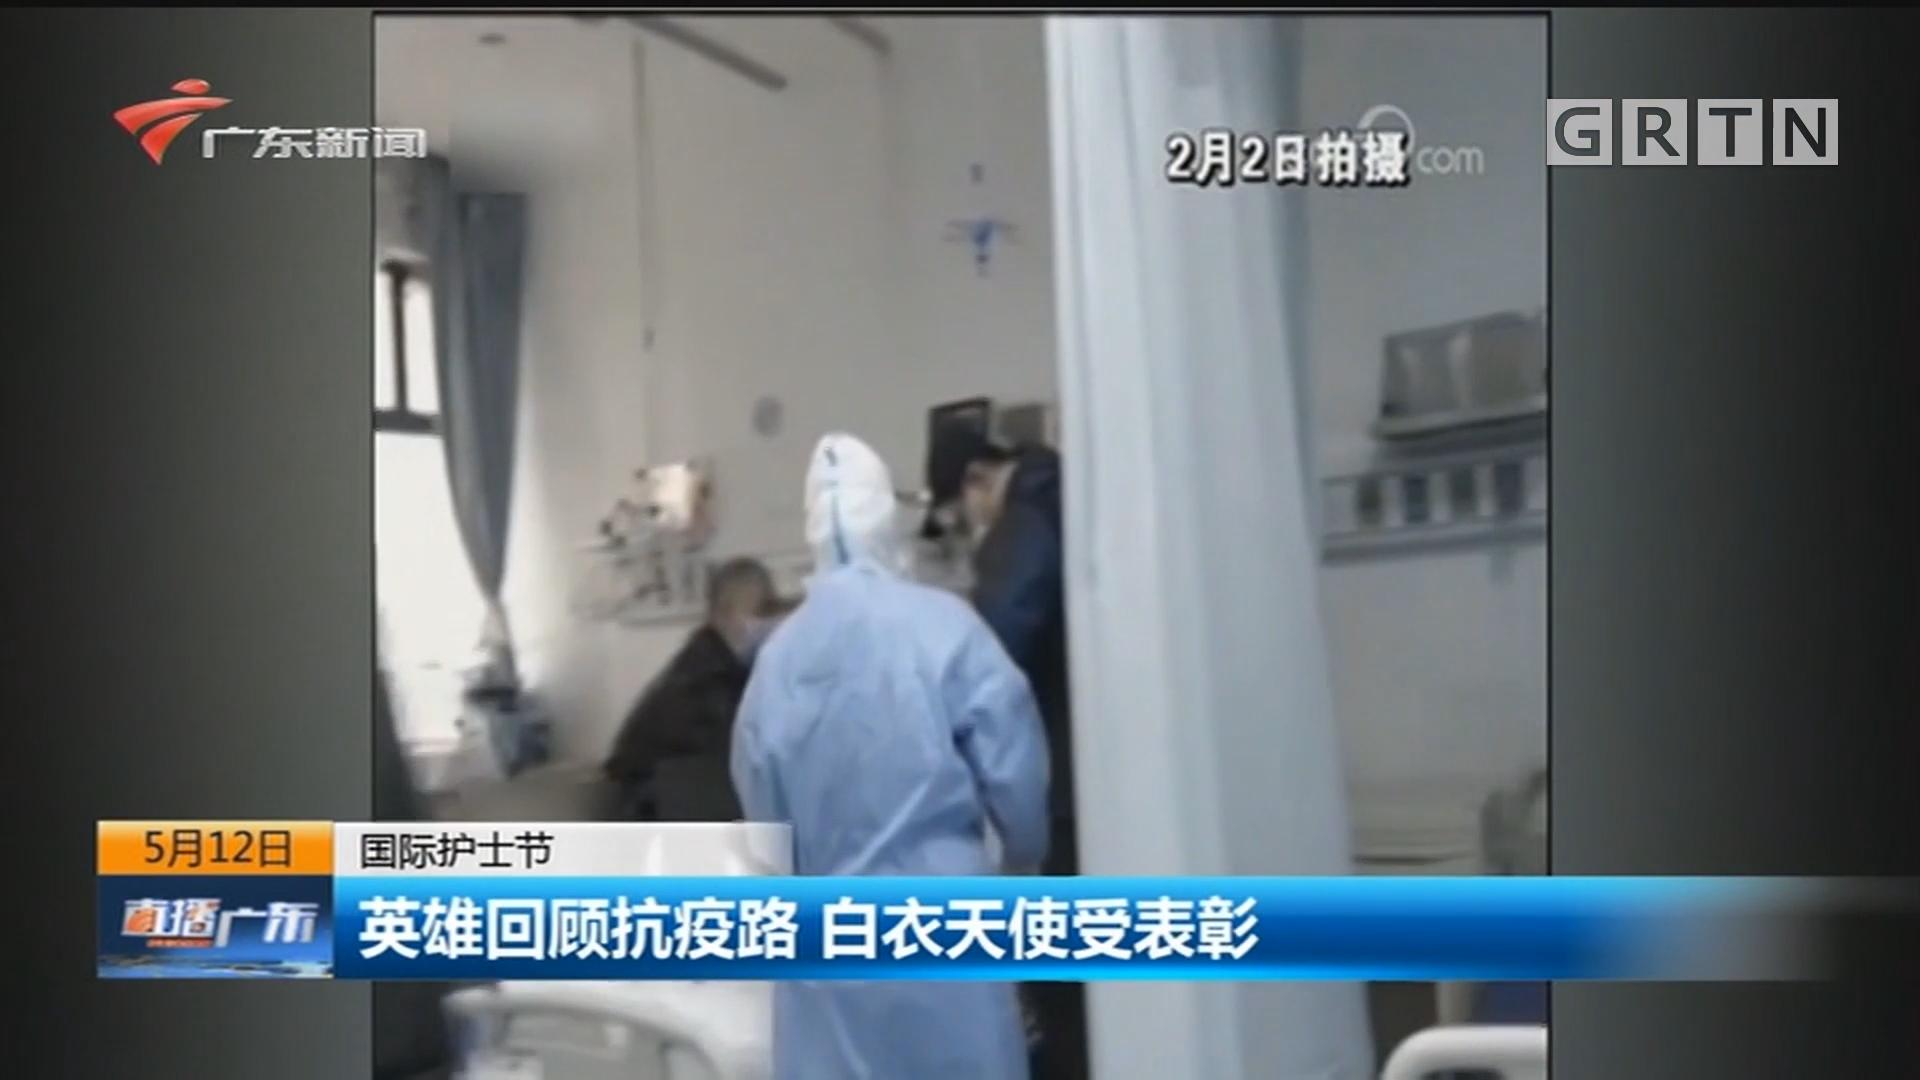 国际护士节 英雄回顾抗疫路 白衣天使受表彰